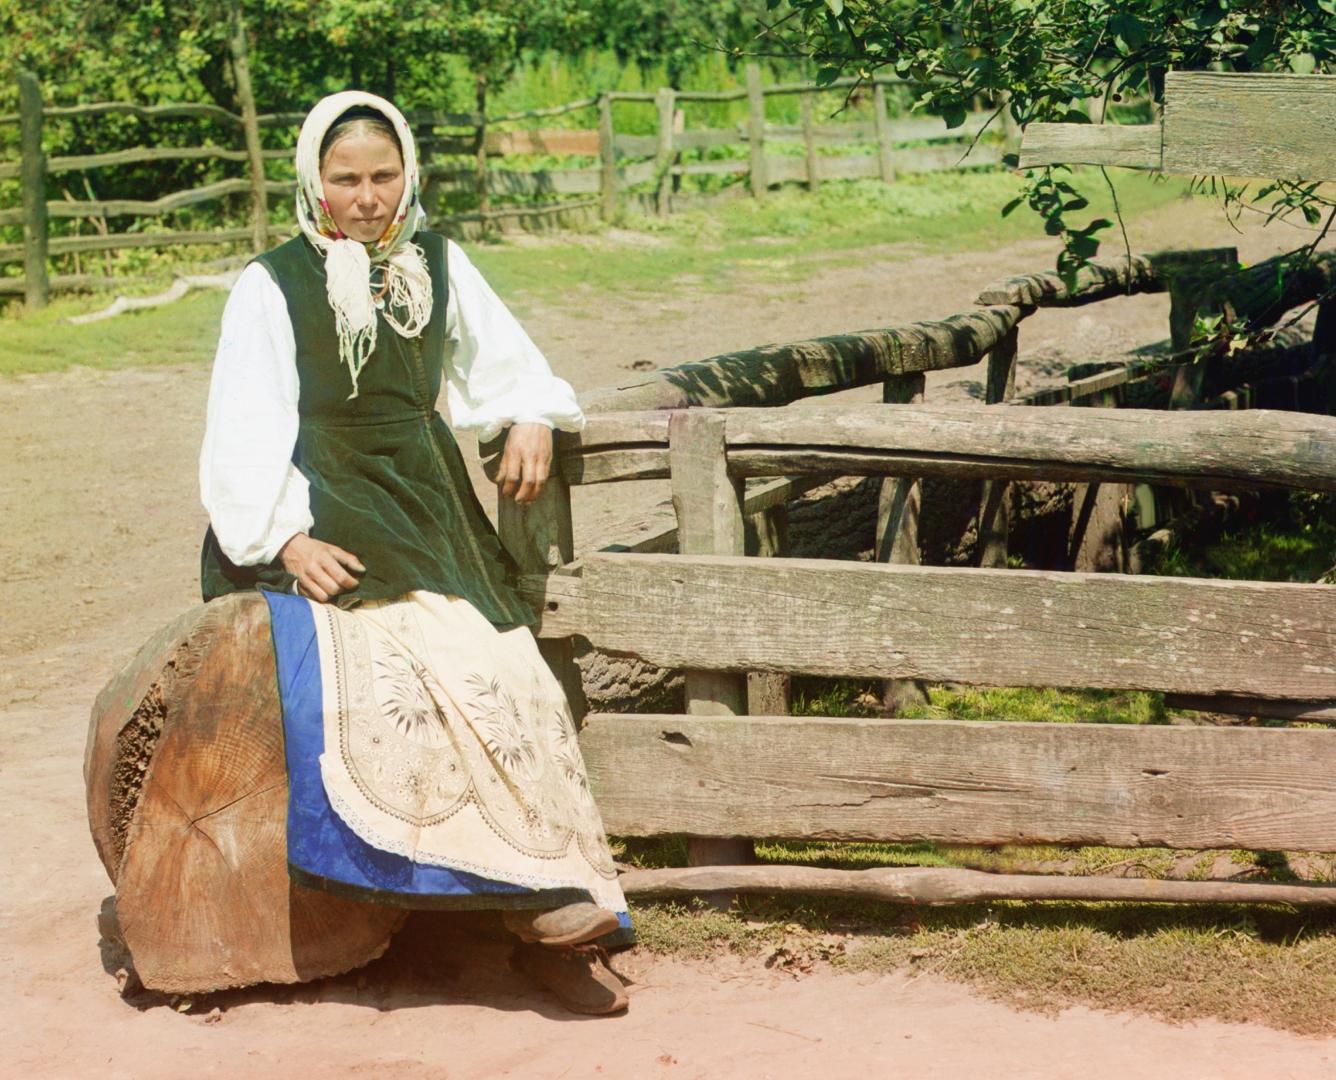 Сергей Прокудин-Горский. Украина. Крестьянка в Малоросии (фото). 1914 г